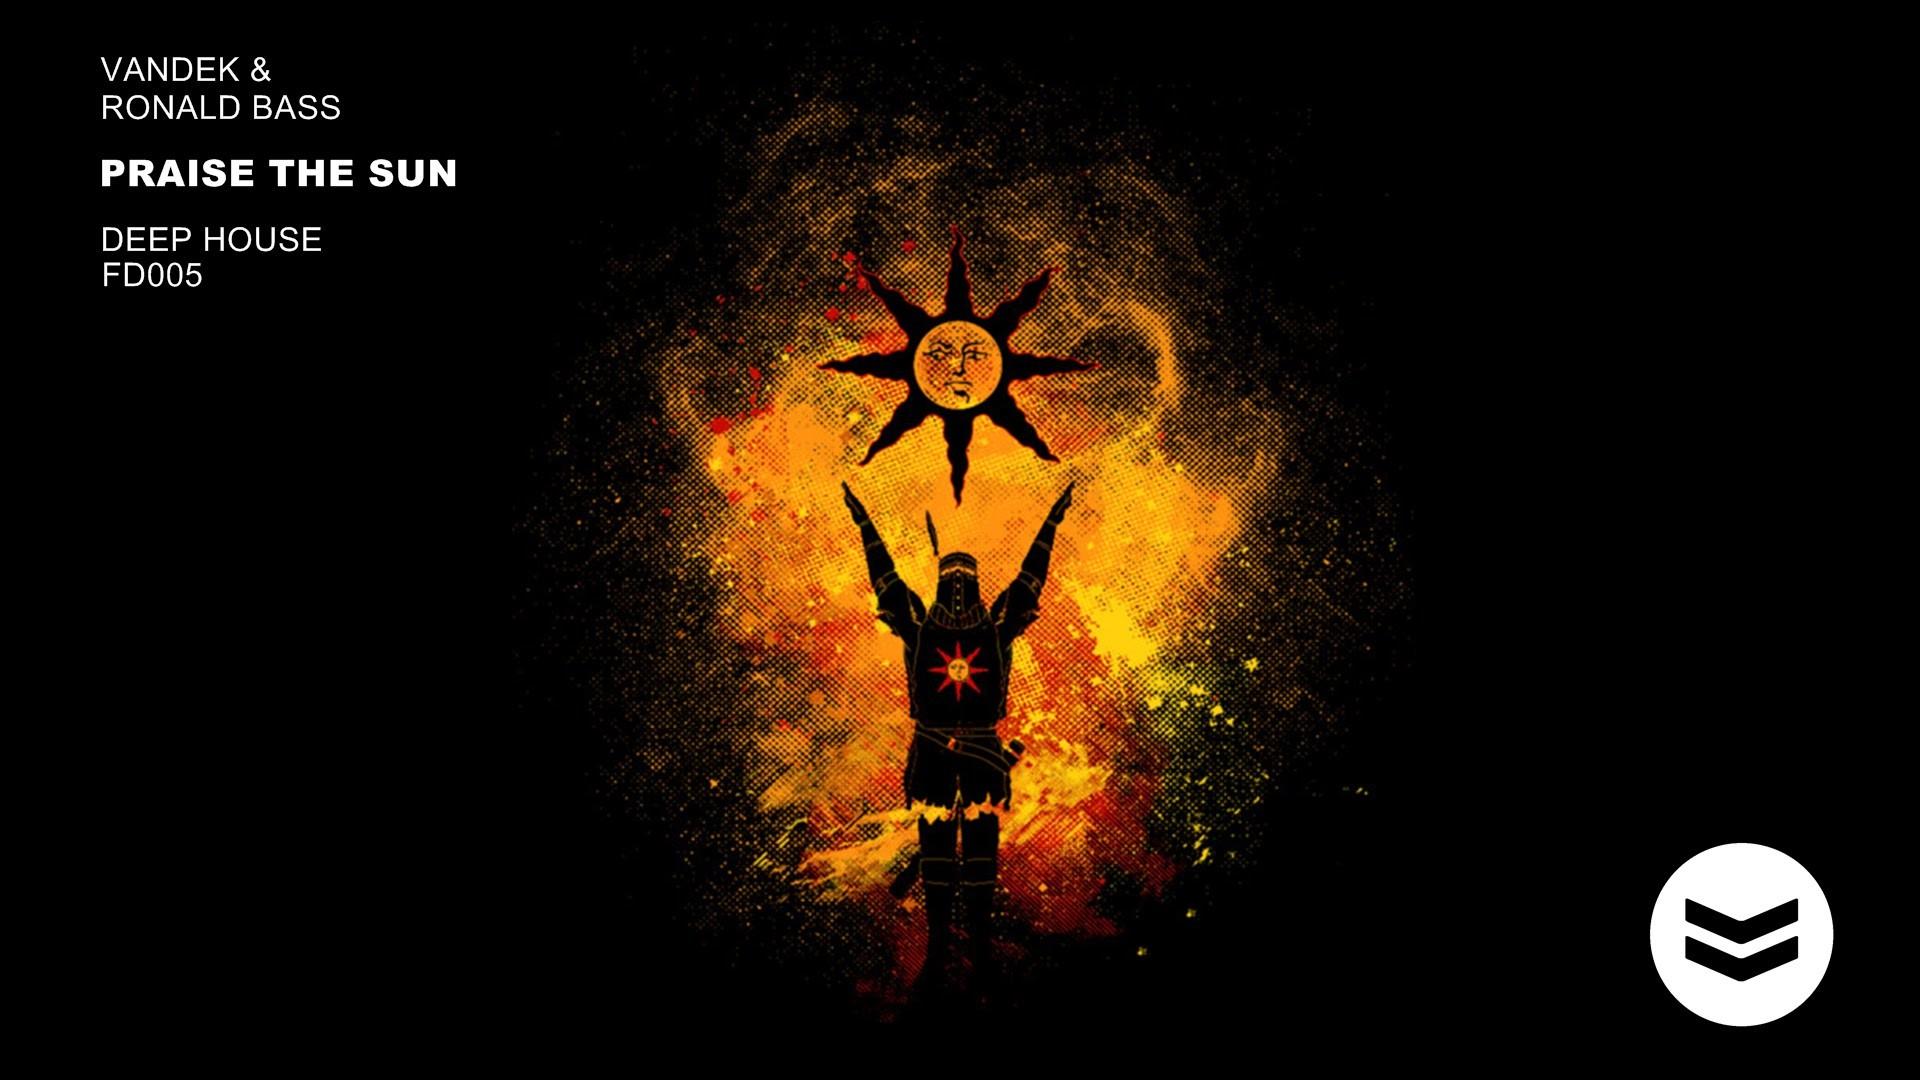 Vandek & Ronald Bass – Praise The Sun (Original Mix)